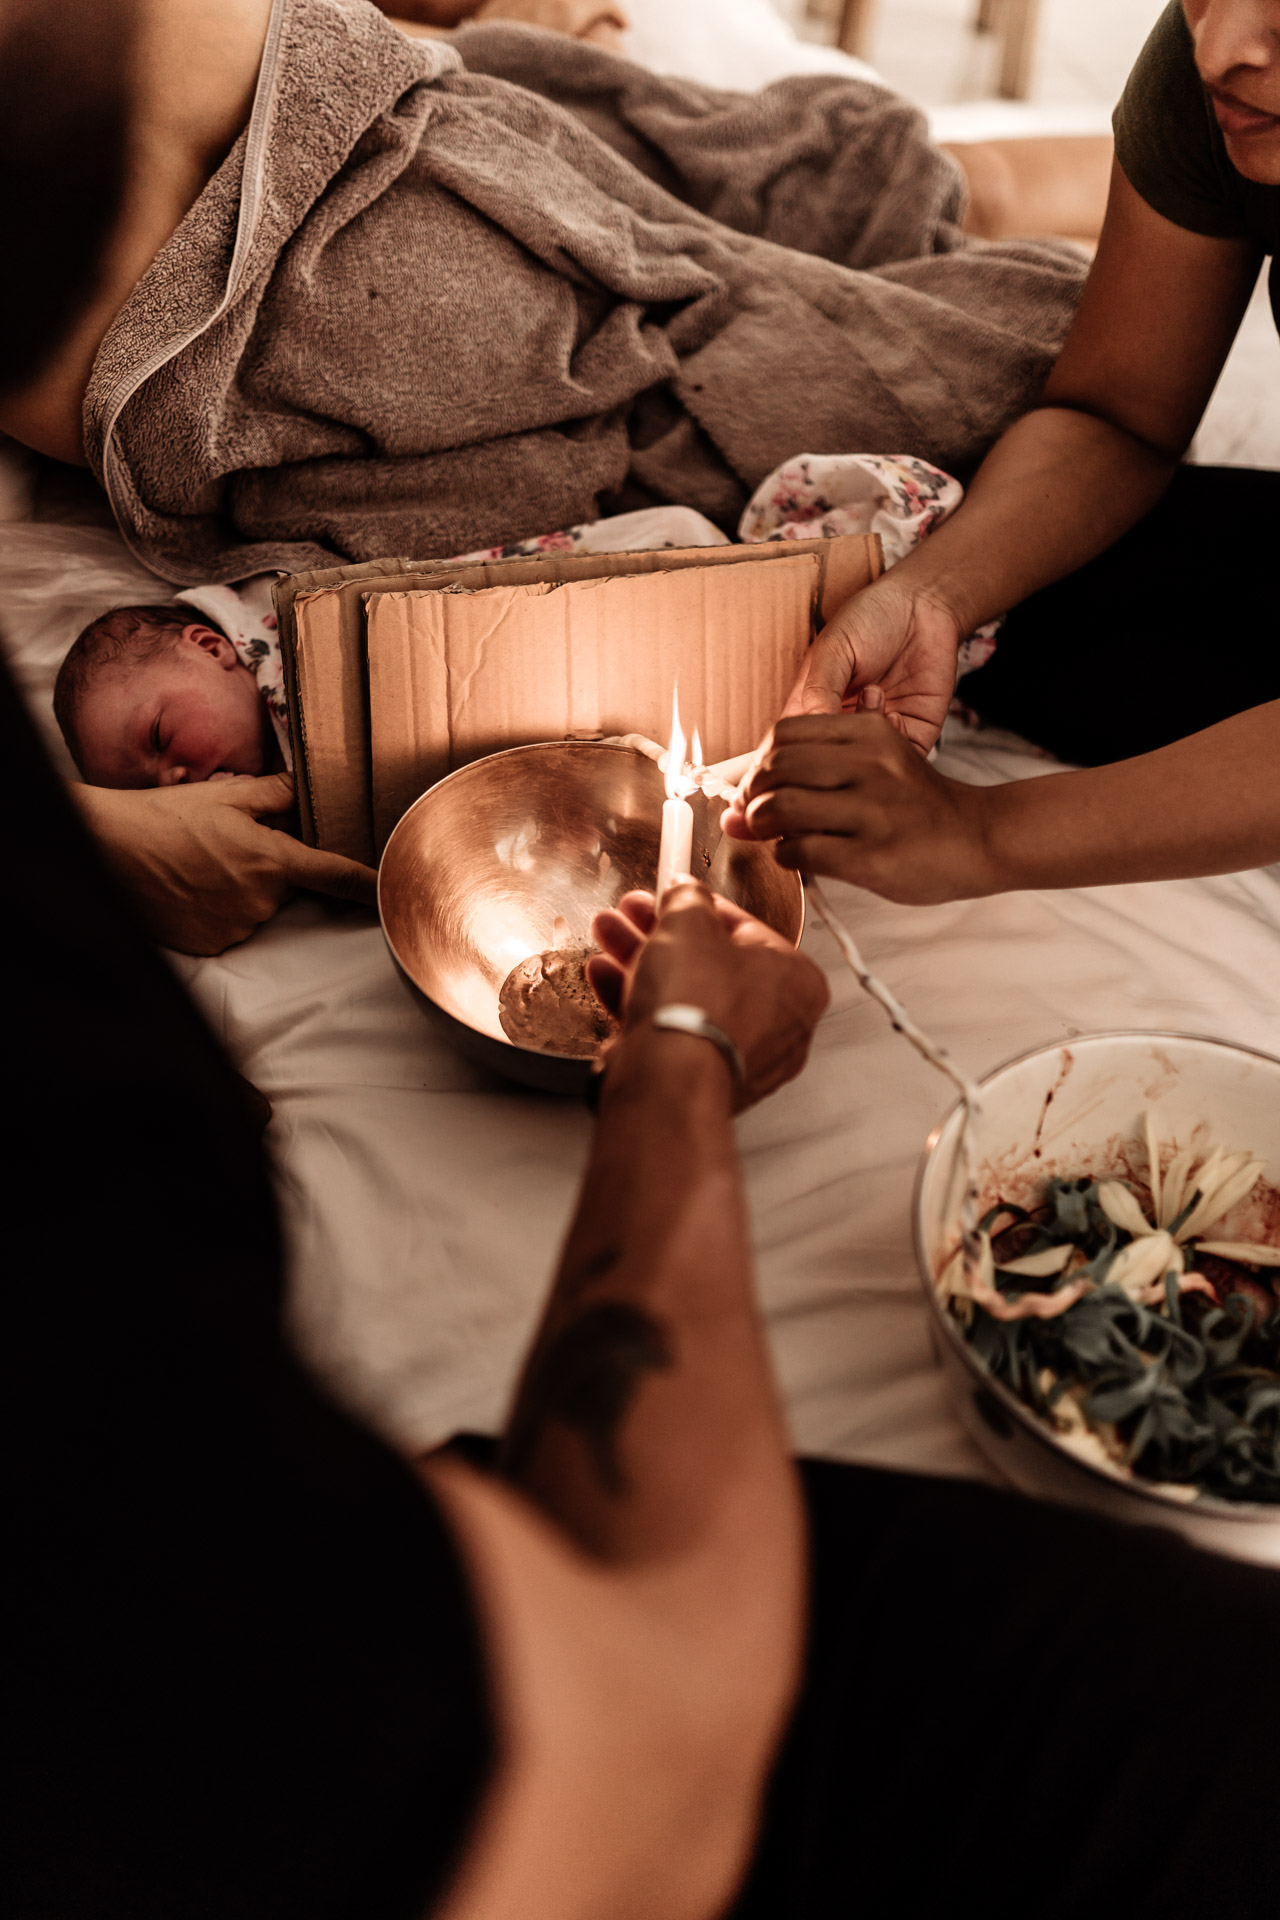 keira-mason-cord-burning-ceremony-birth-birthing-rituals.jpg